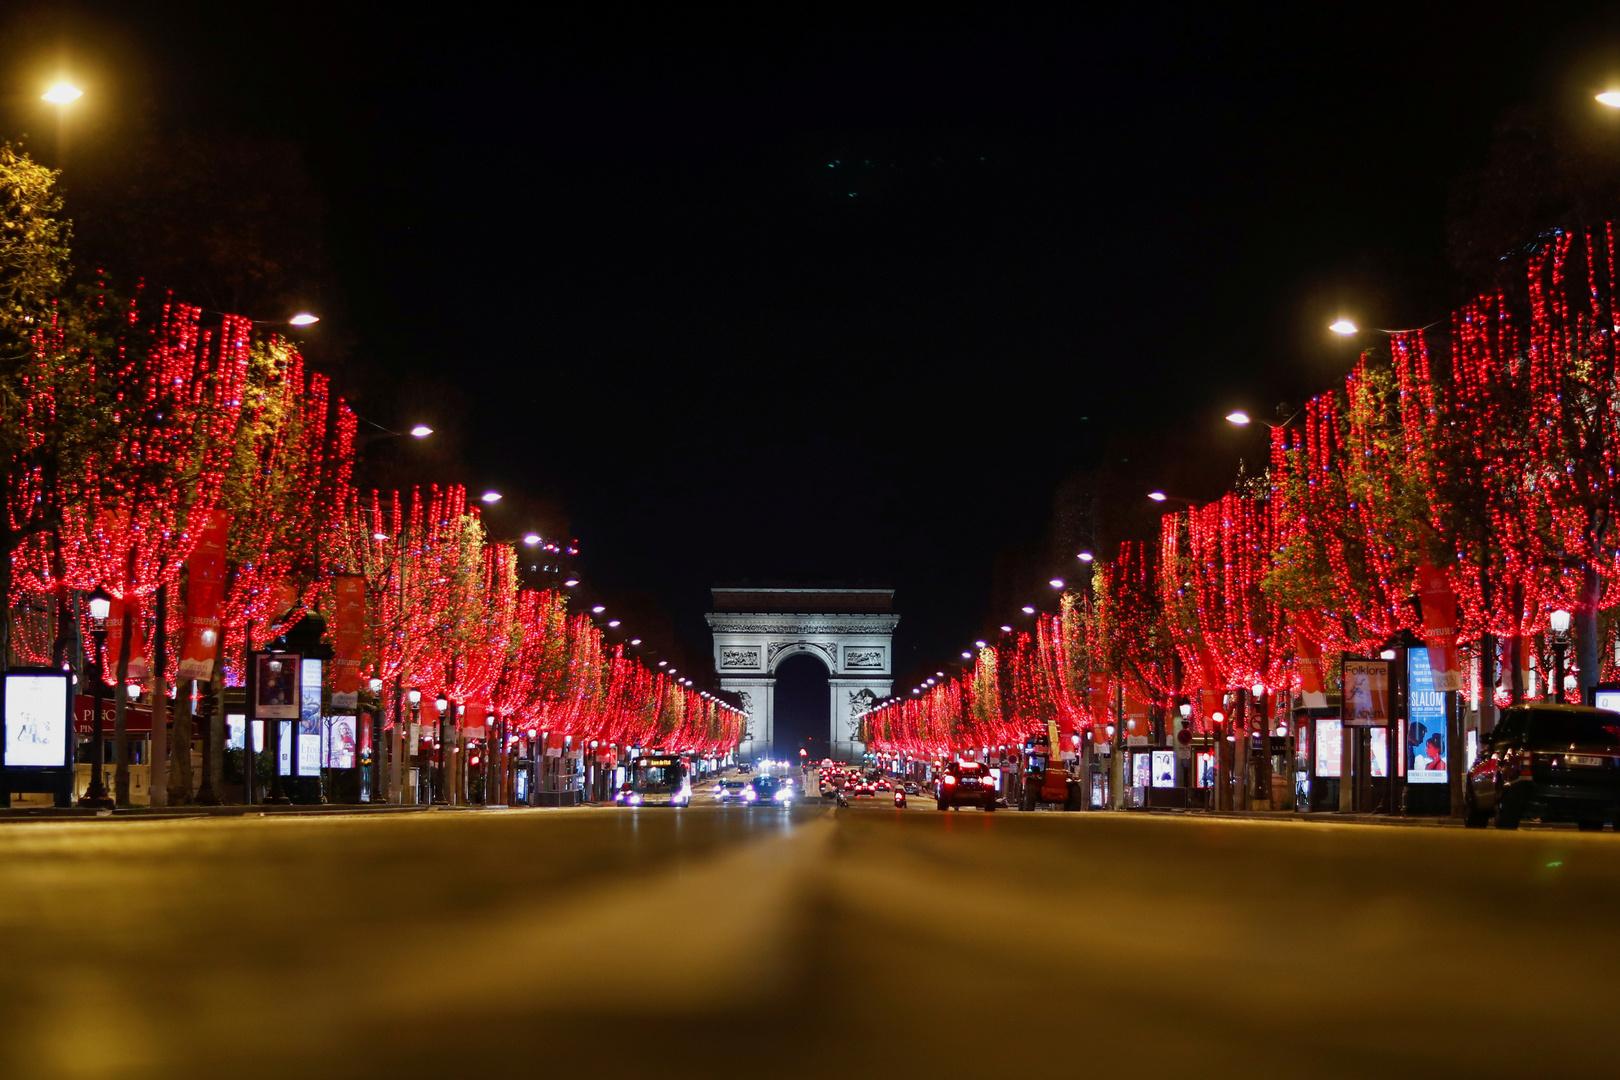 جادة الشانزيليزيه في العاصمة الفرنسية باريس في زمن كورونا.